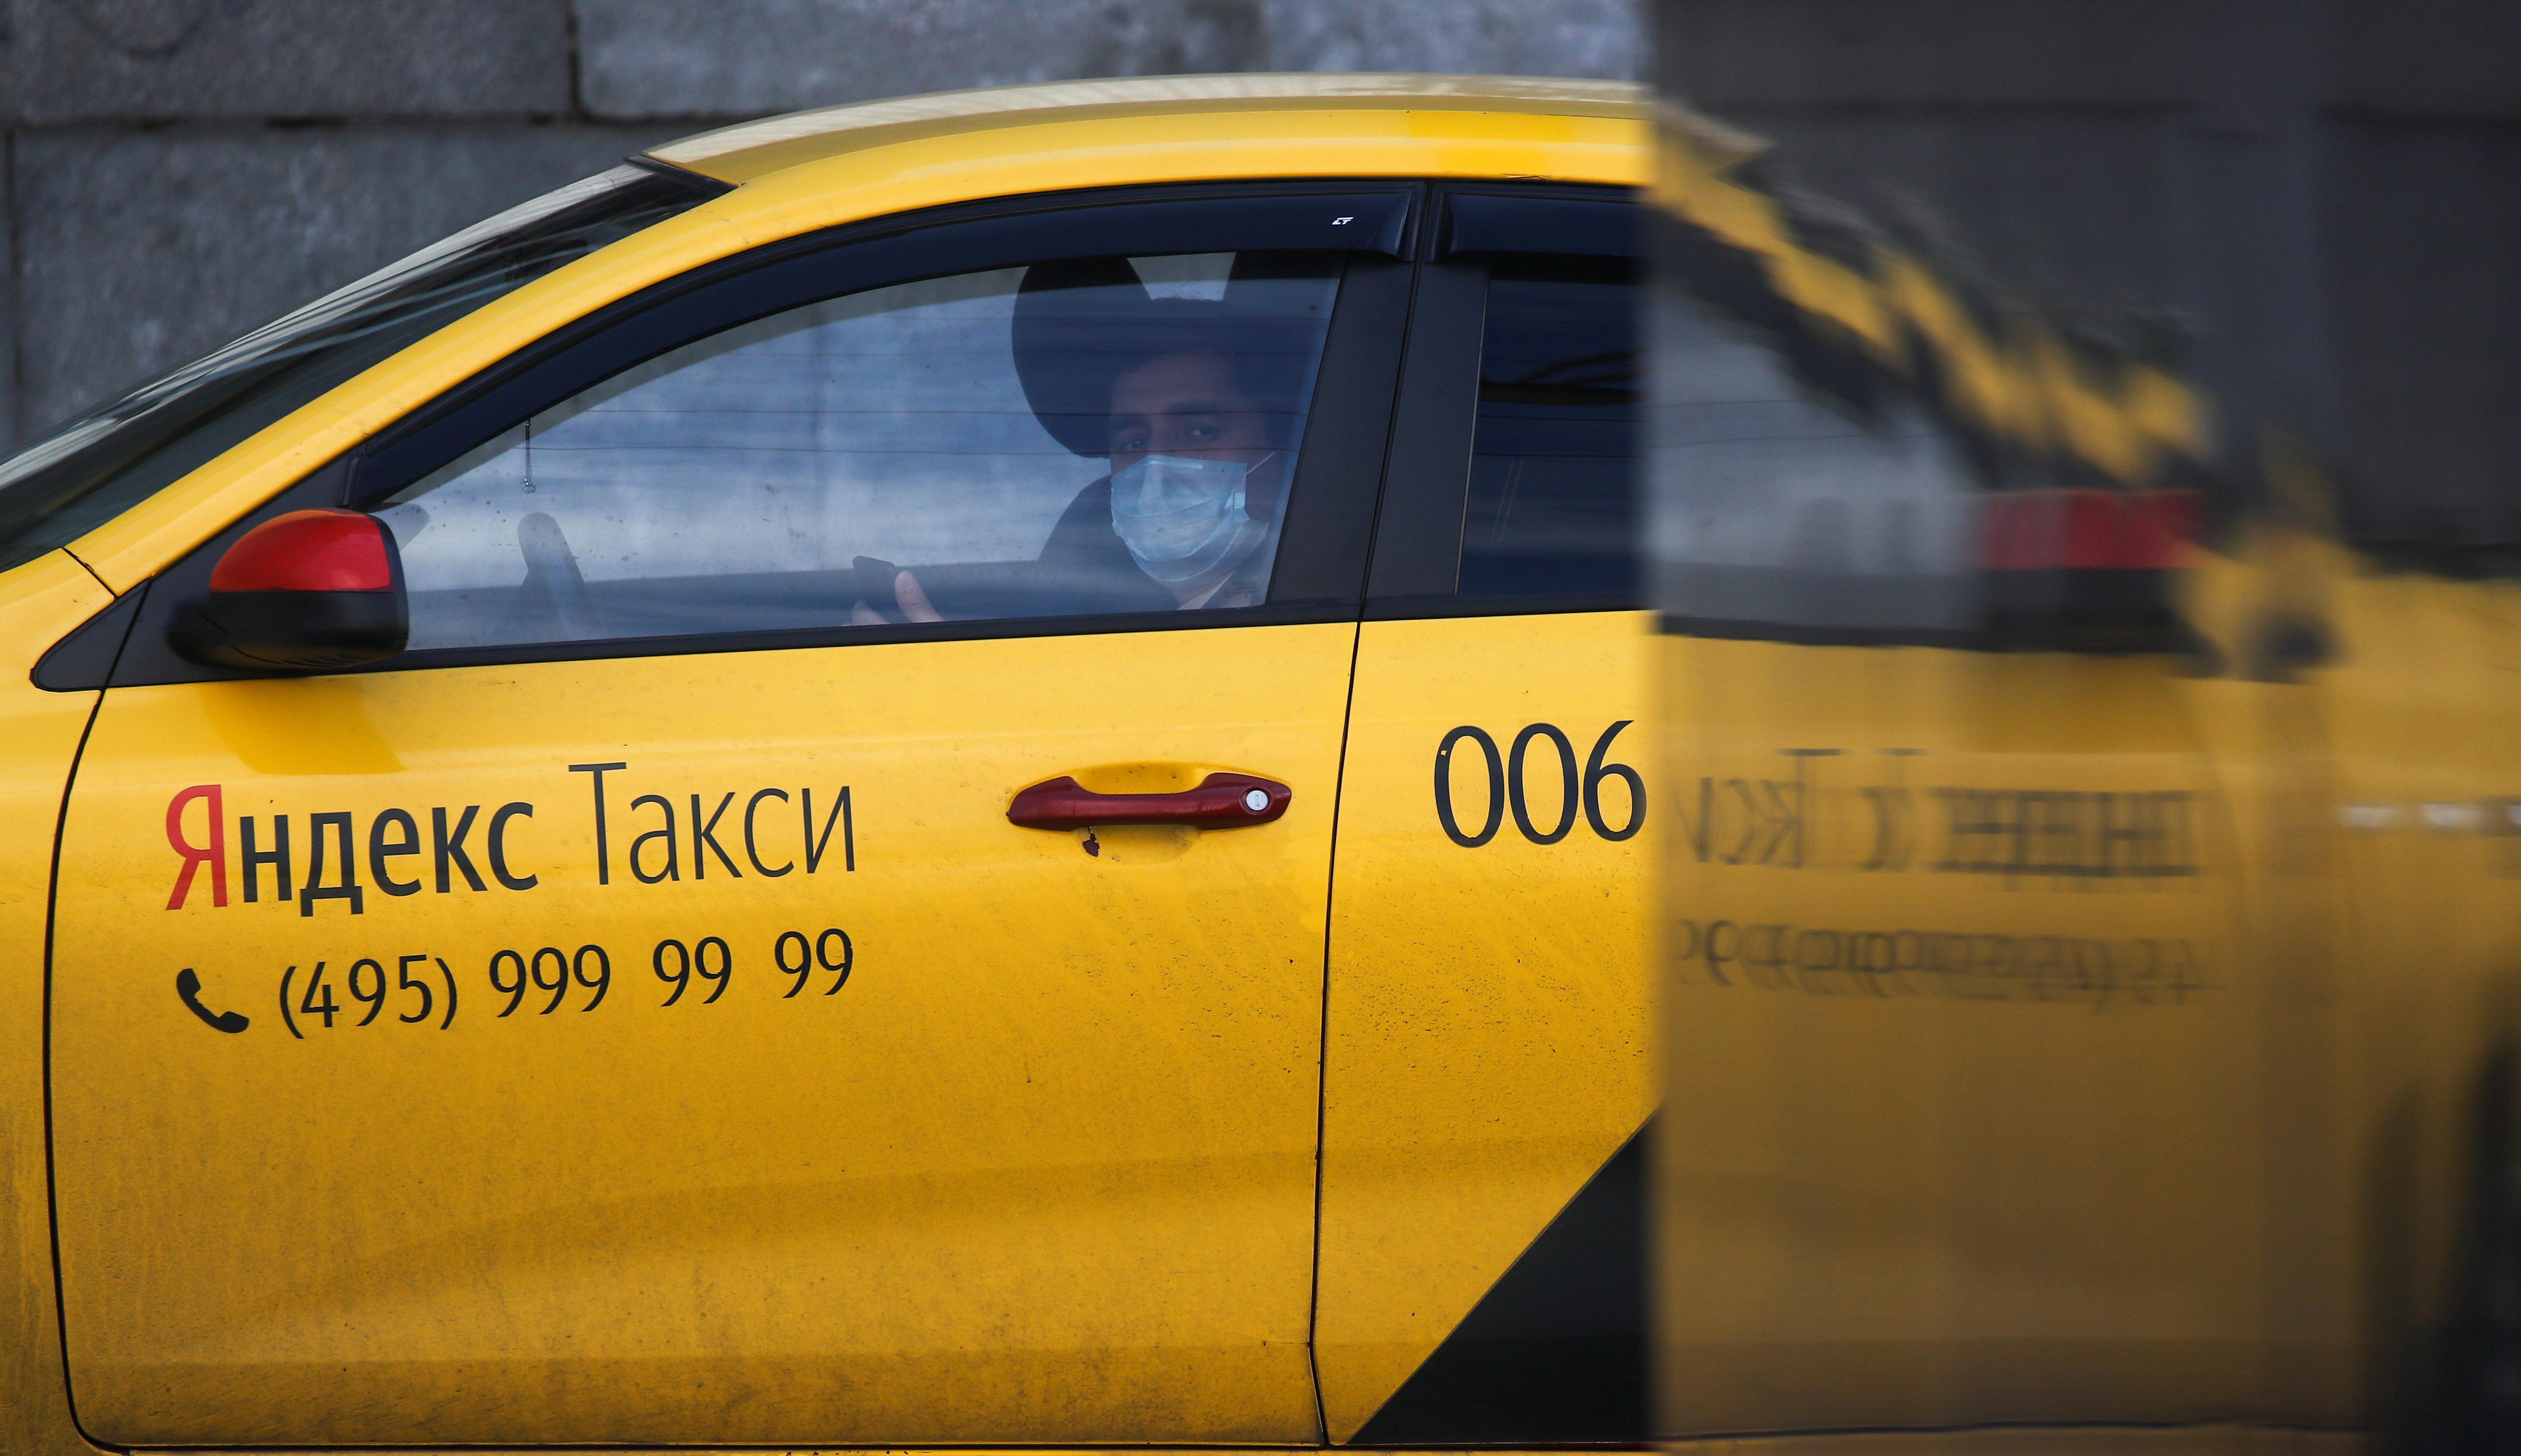 Агрегаторы такси предложили выплачивать компенсации за ДТП